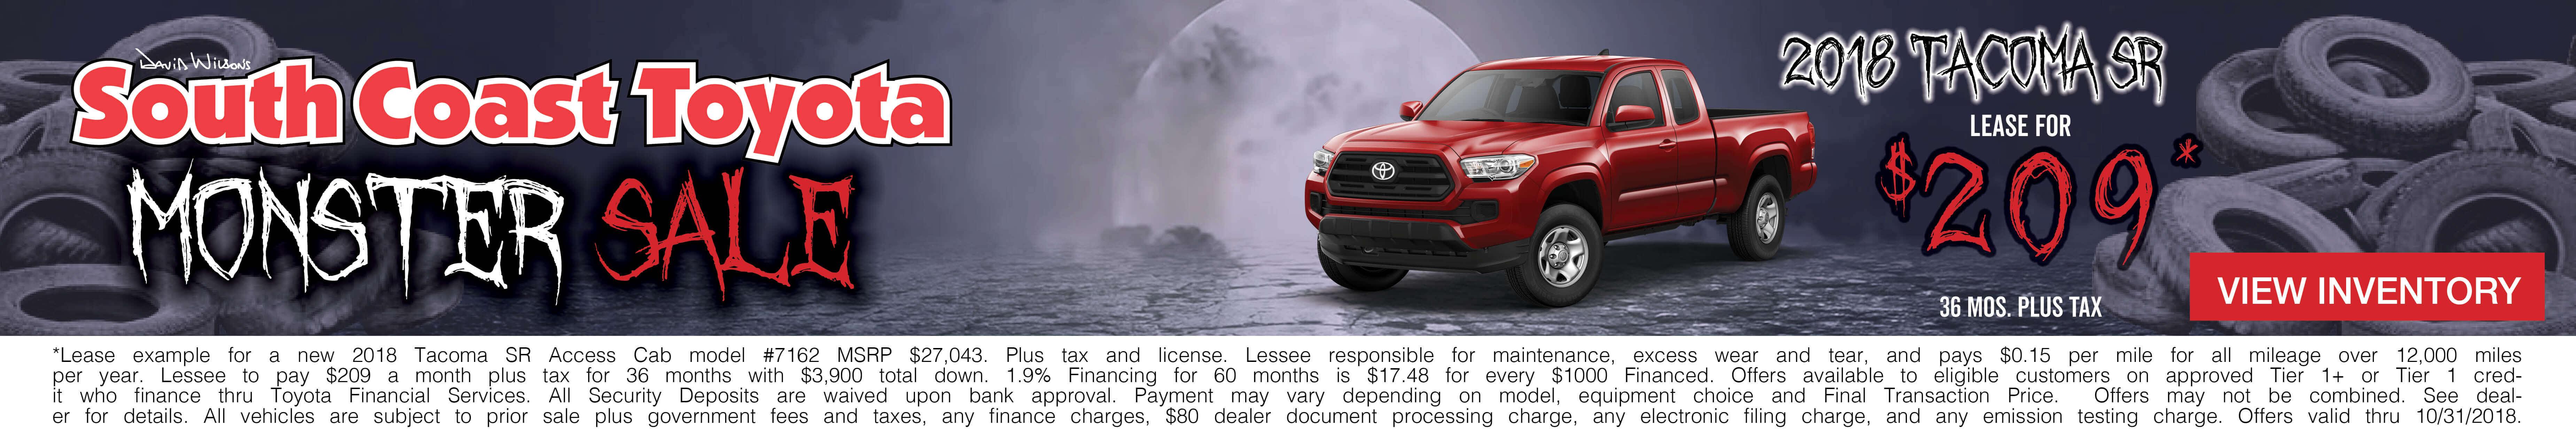 Toyota Tacoma $209 Lease